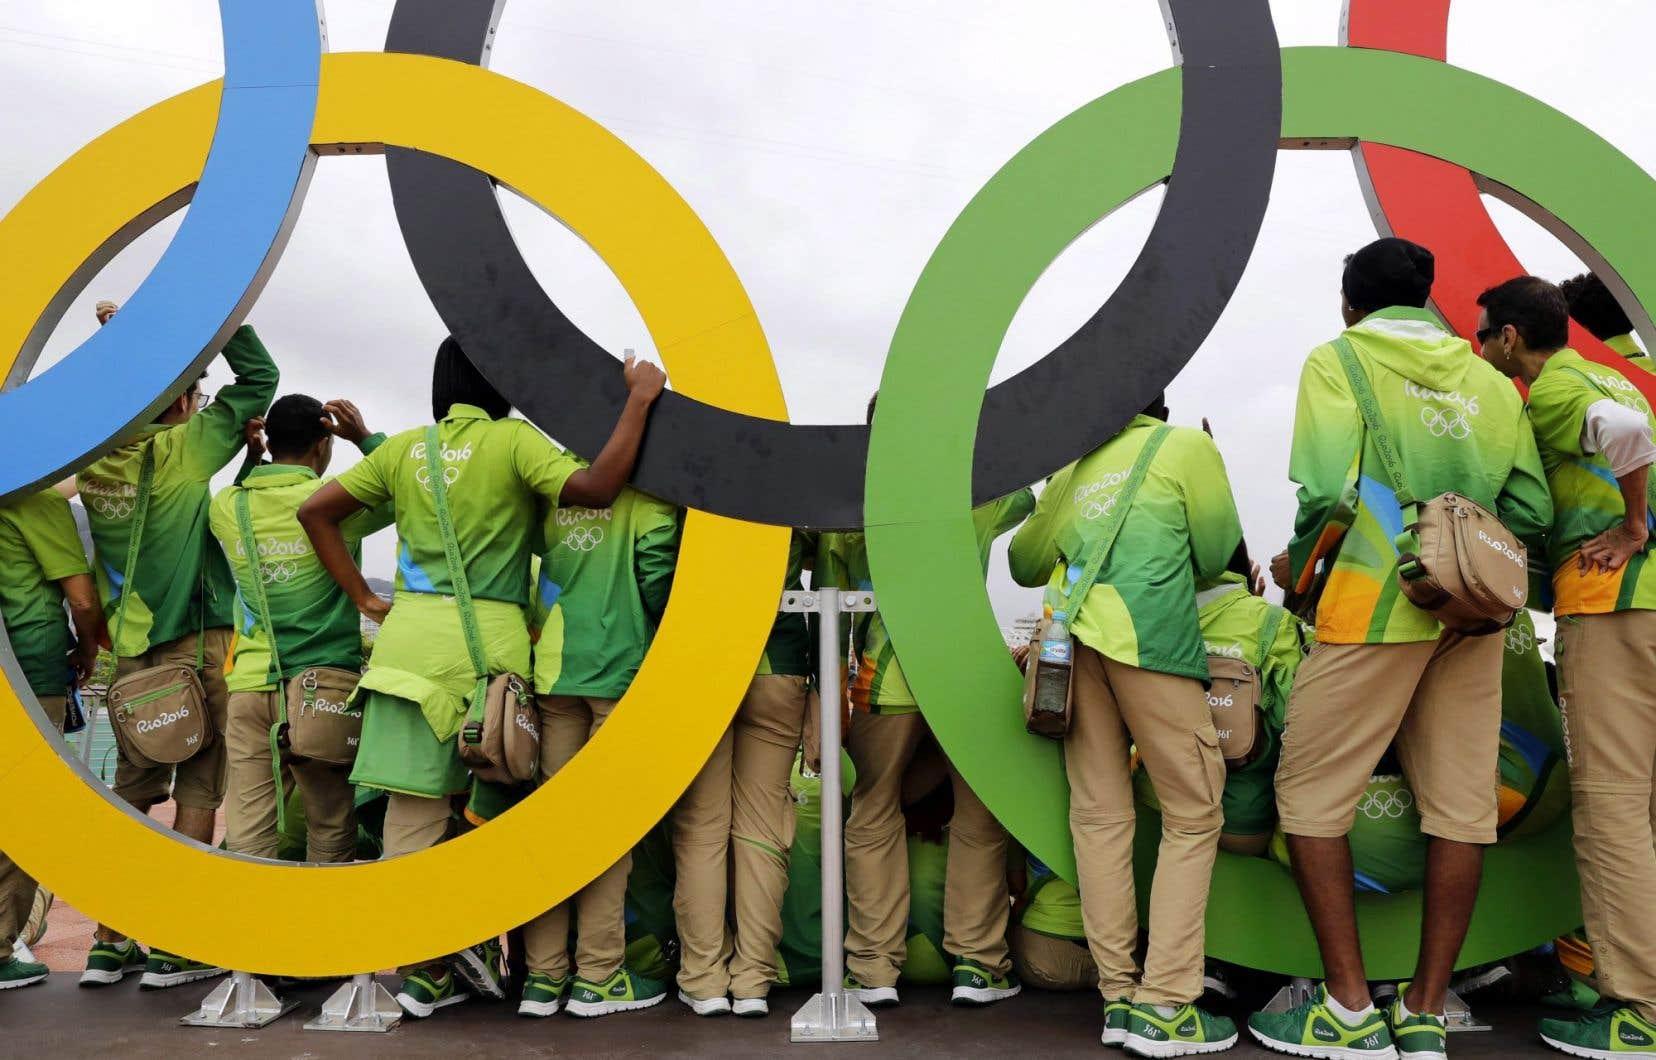 Selon un sondage publié mercredi, 60 % des Brésiliens estiment que ces Jeux seront plus préjudiciables que bénéfiques au pays.